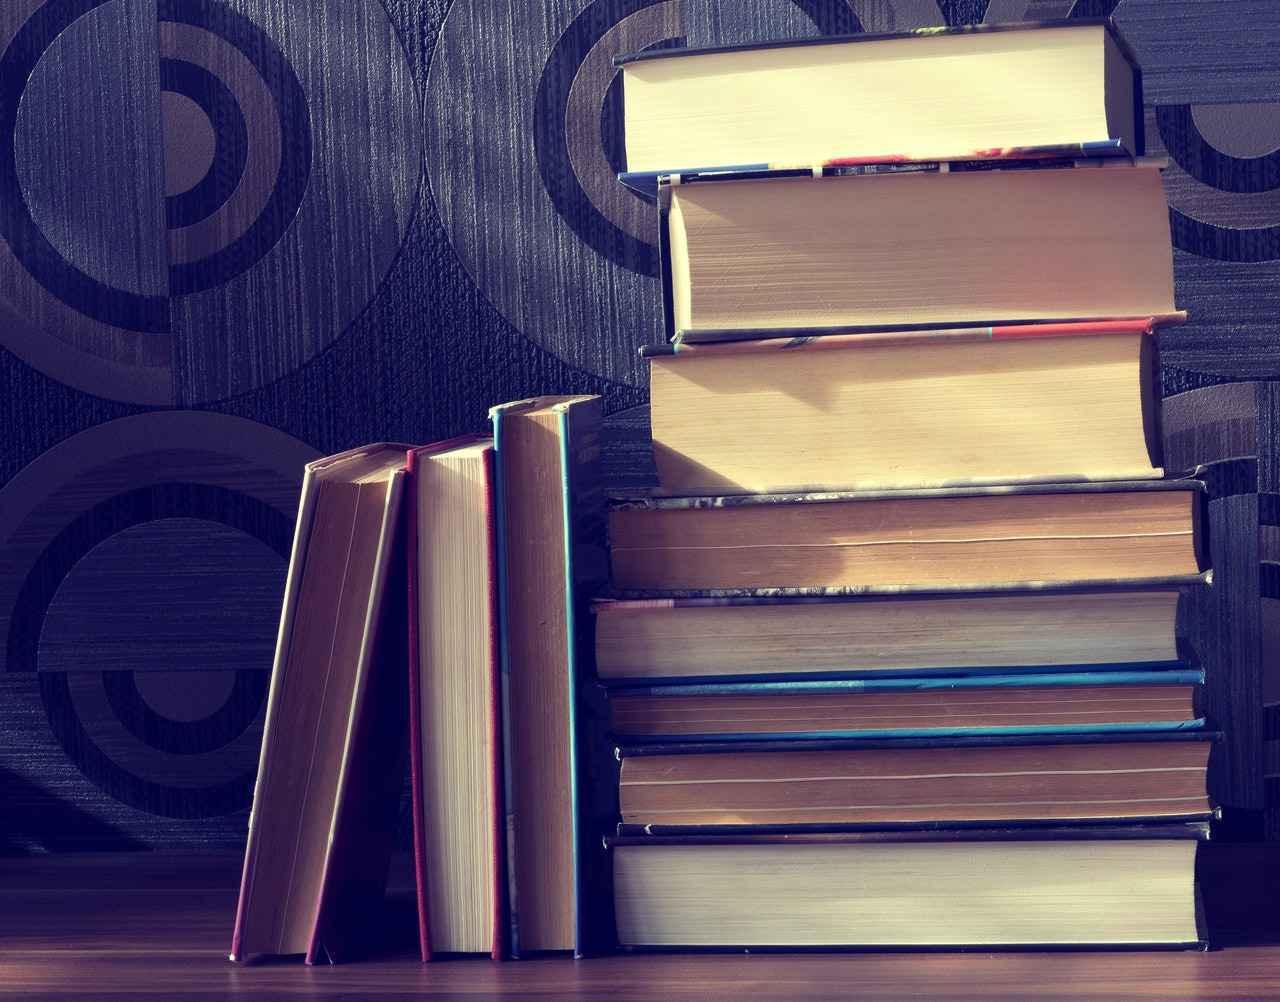 Nas universidades federais, os Estudos Literários têm o compromisso com o retorno que esse conhecimento pode gerar para a sociedade